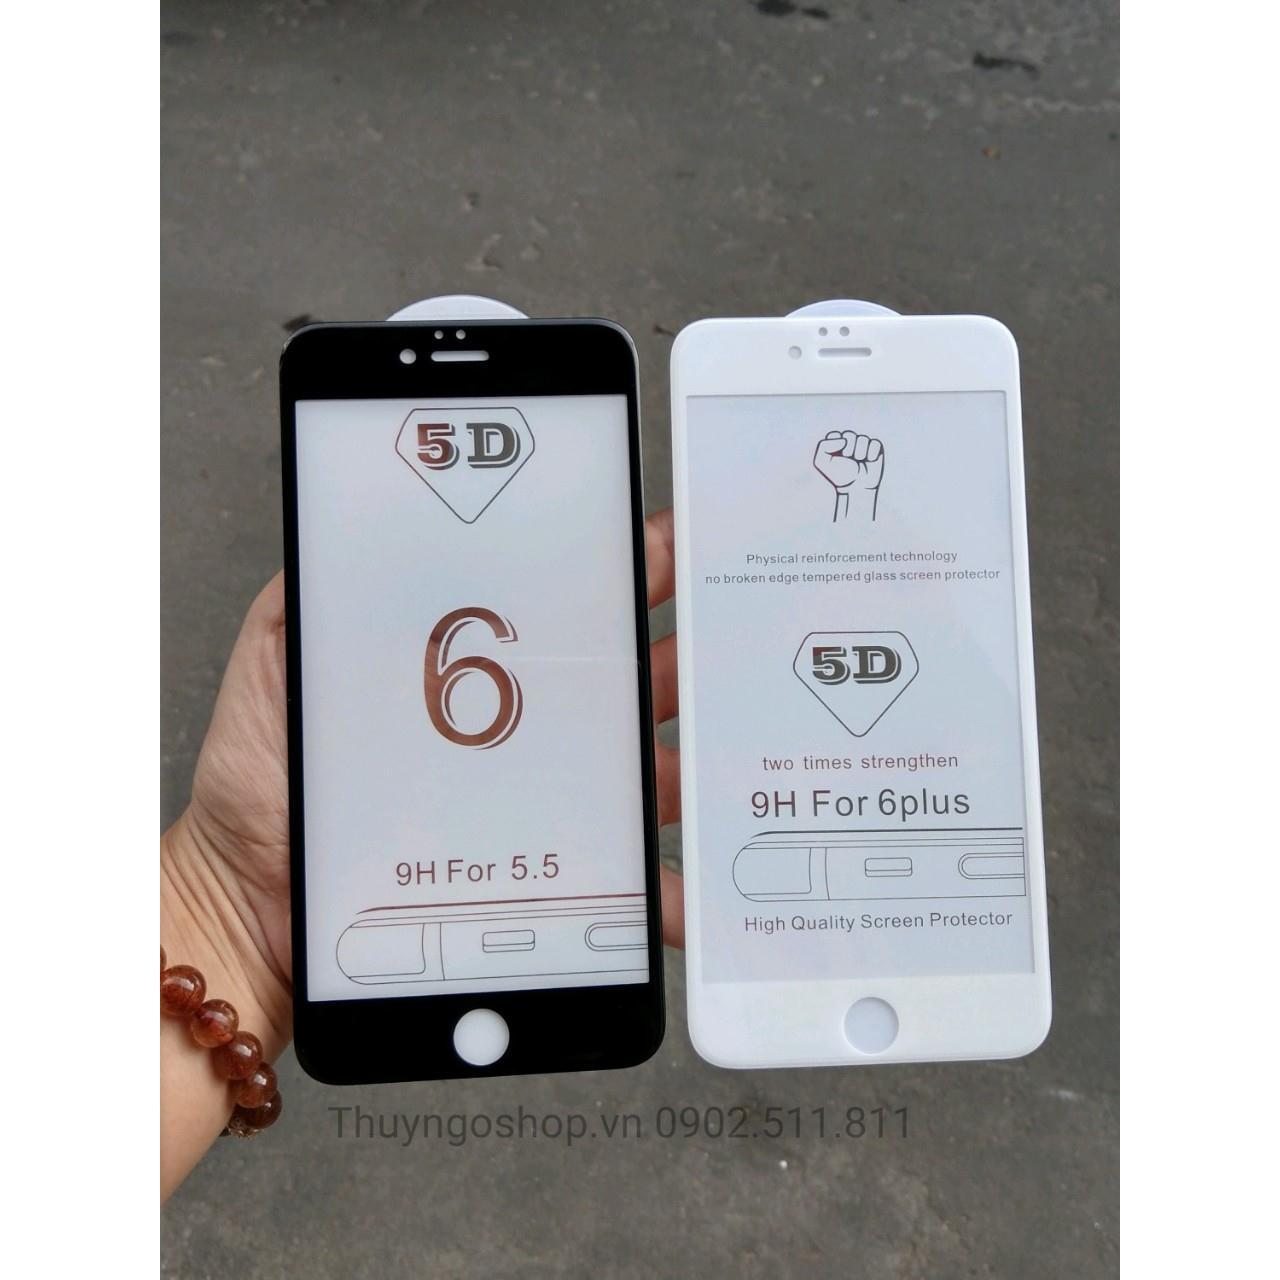 Kính Cường Lực full màn hình 5D Iphone 6 Plus / 6S Plus